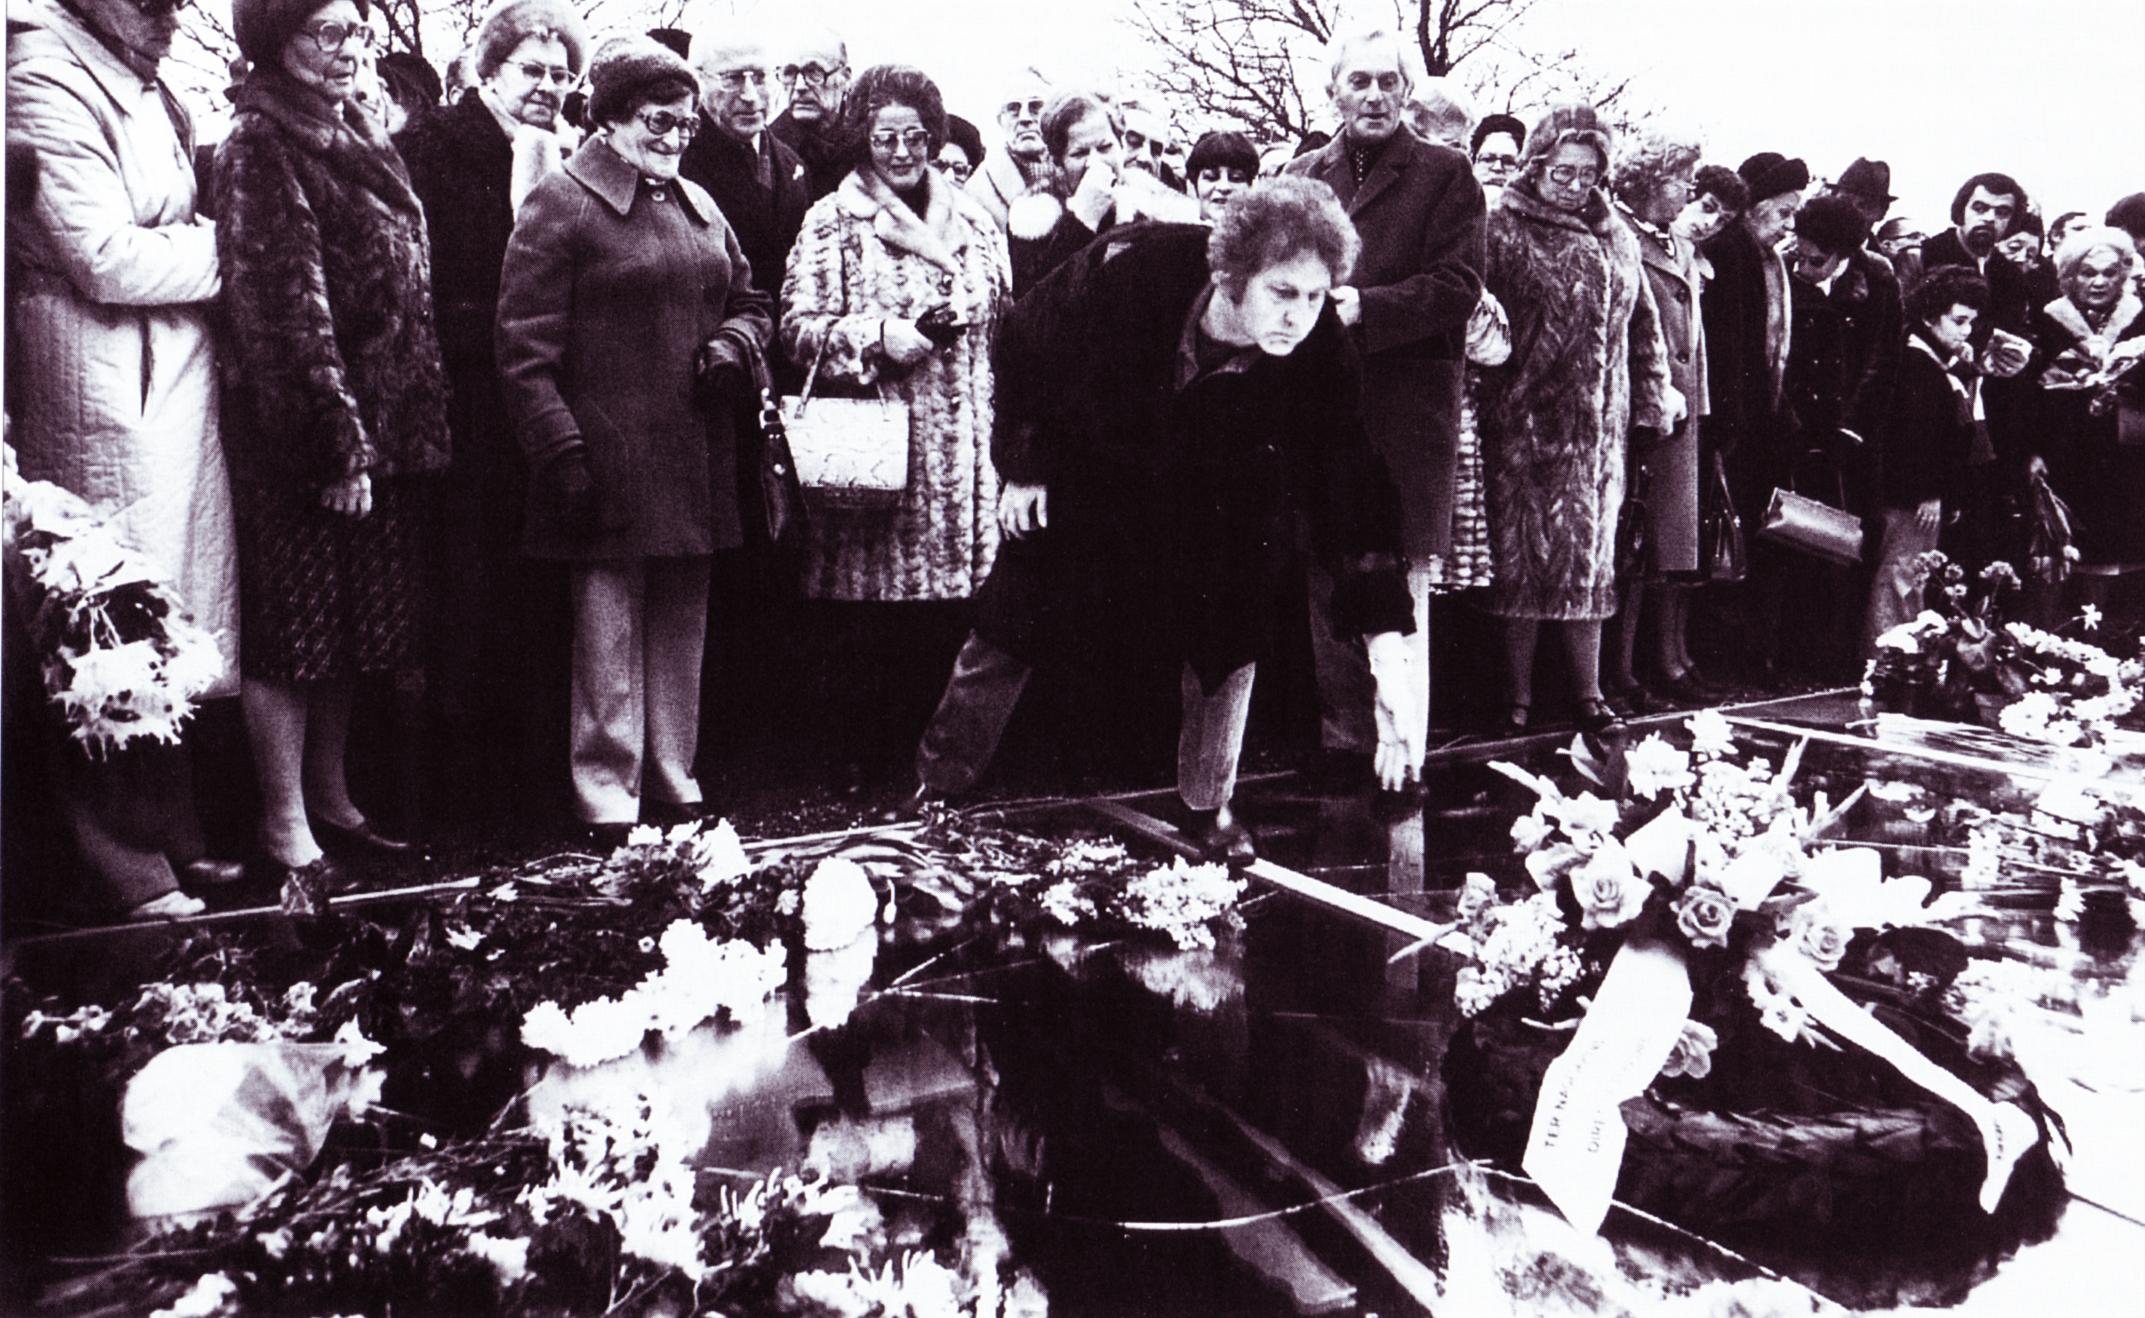 Jan Wolkers bij de onthulling van het Spiegelmonument,  tijdens de herdenking van 1977. Foto: ANEFO / Spaarnestad Photo